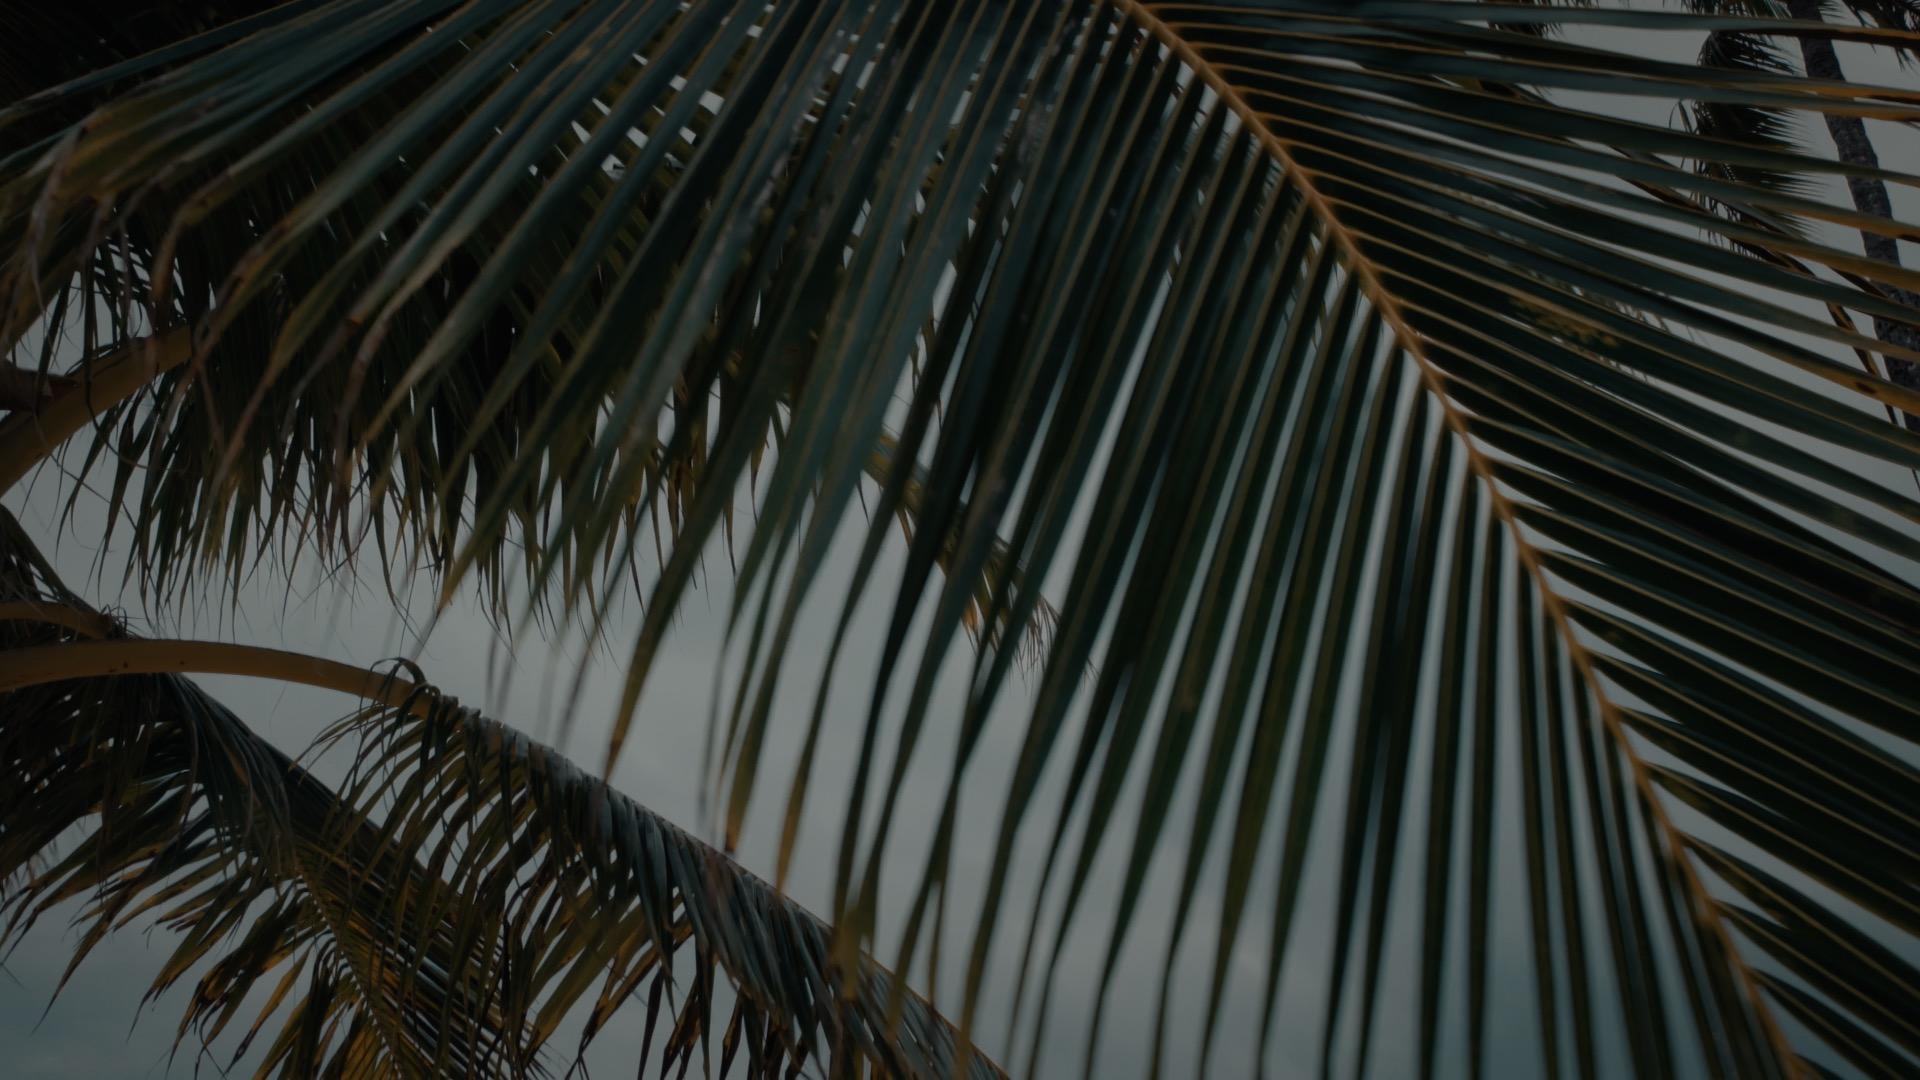 VMC-Palms-13-HD STILL-0.jpg